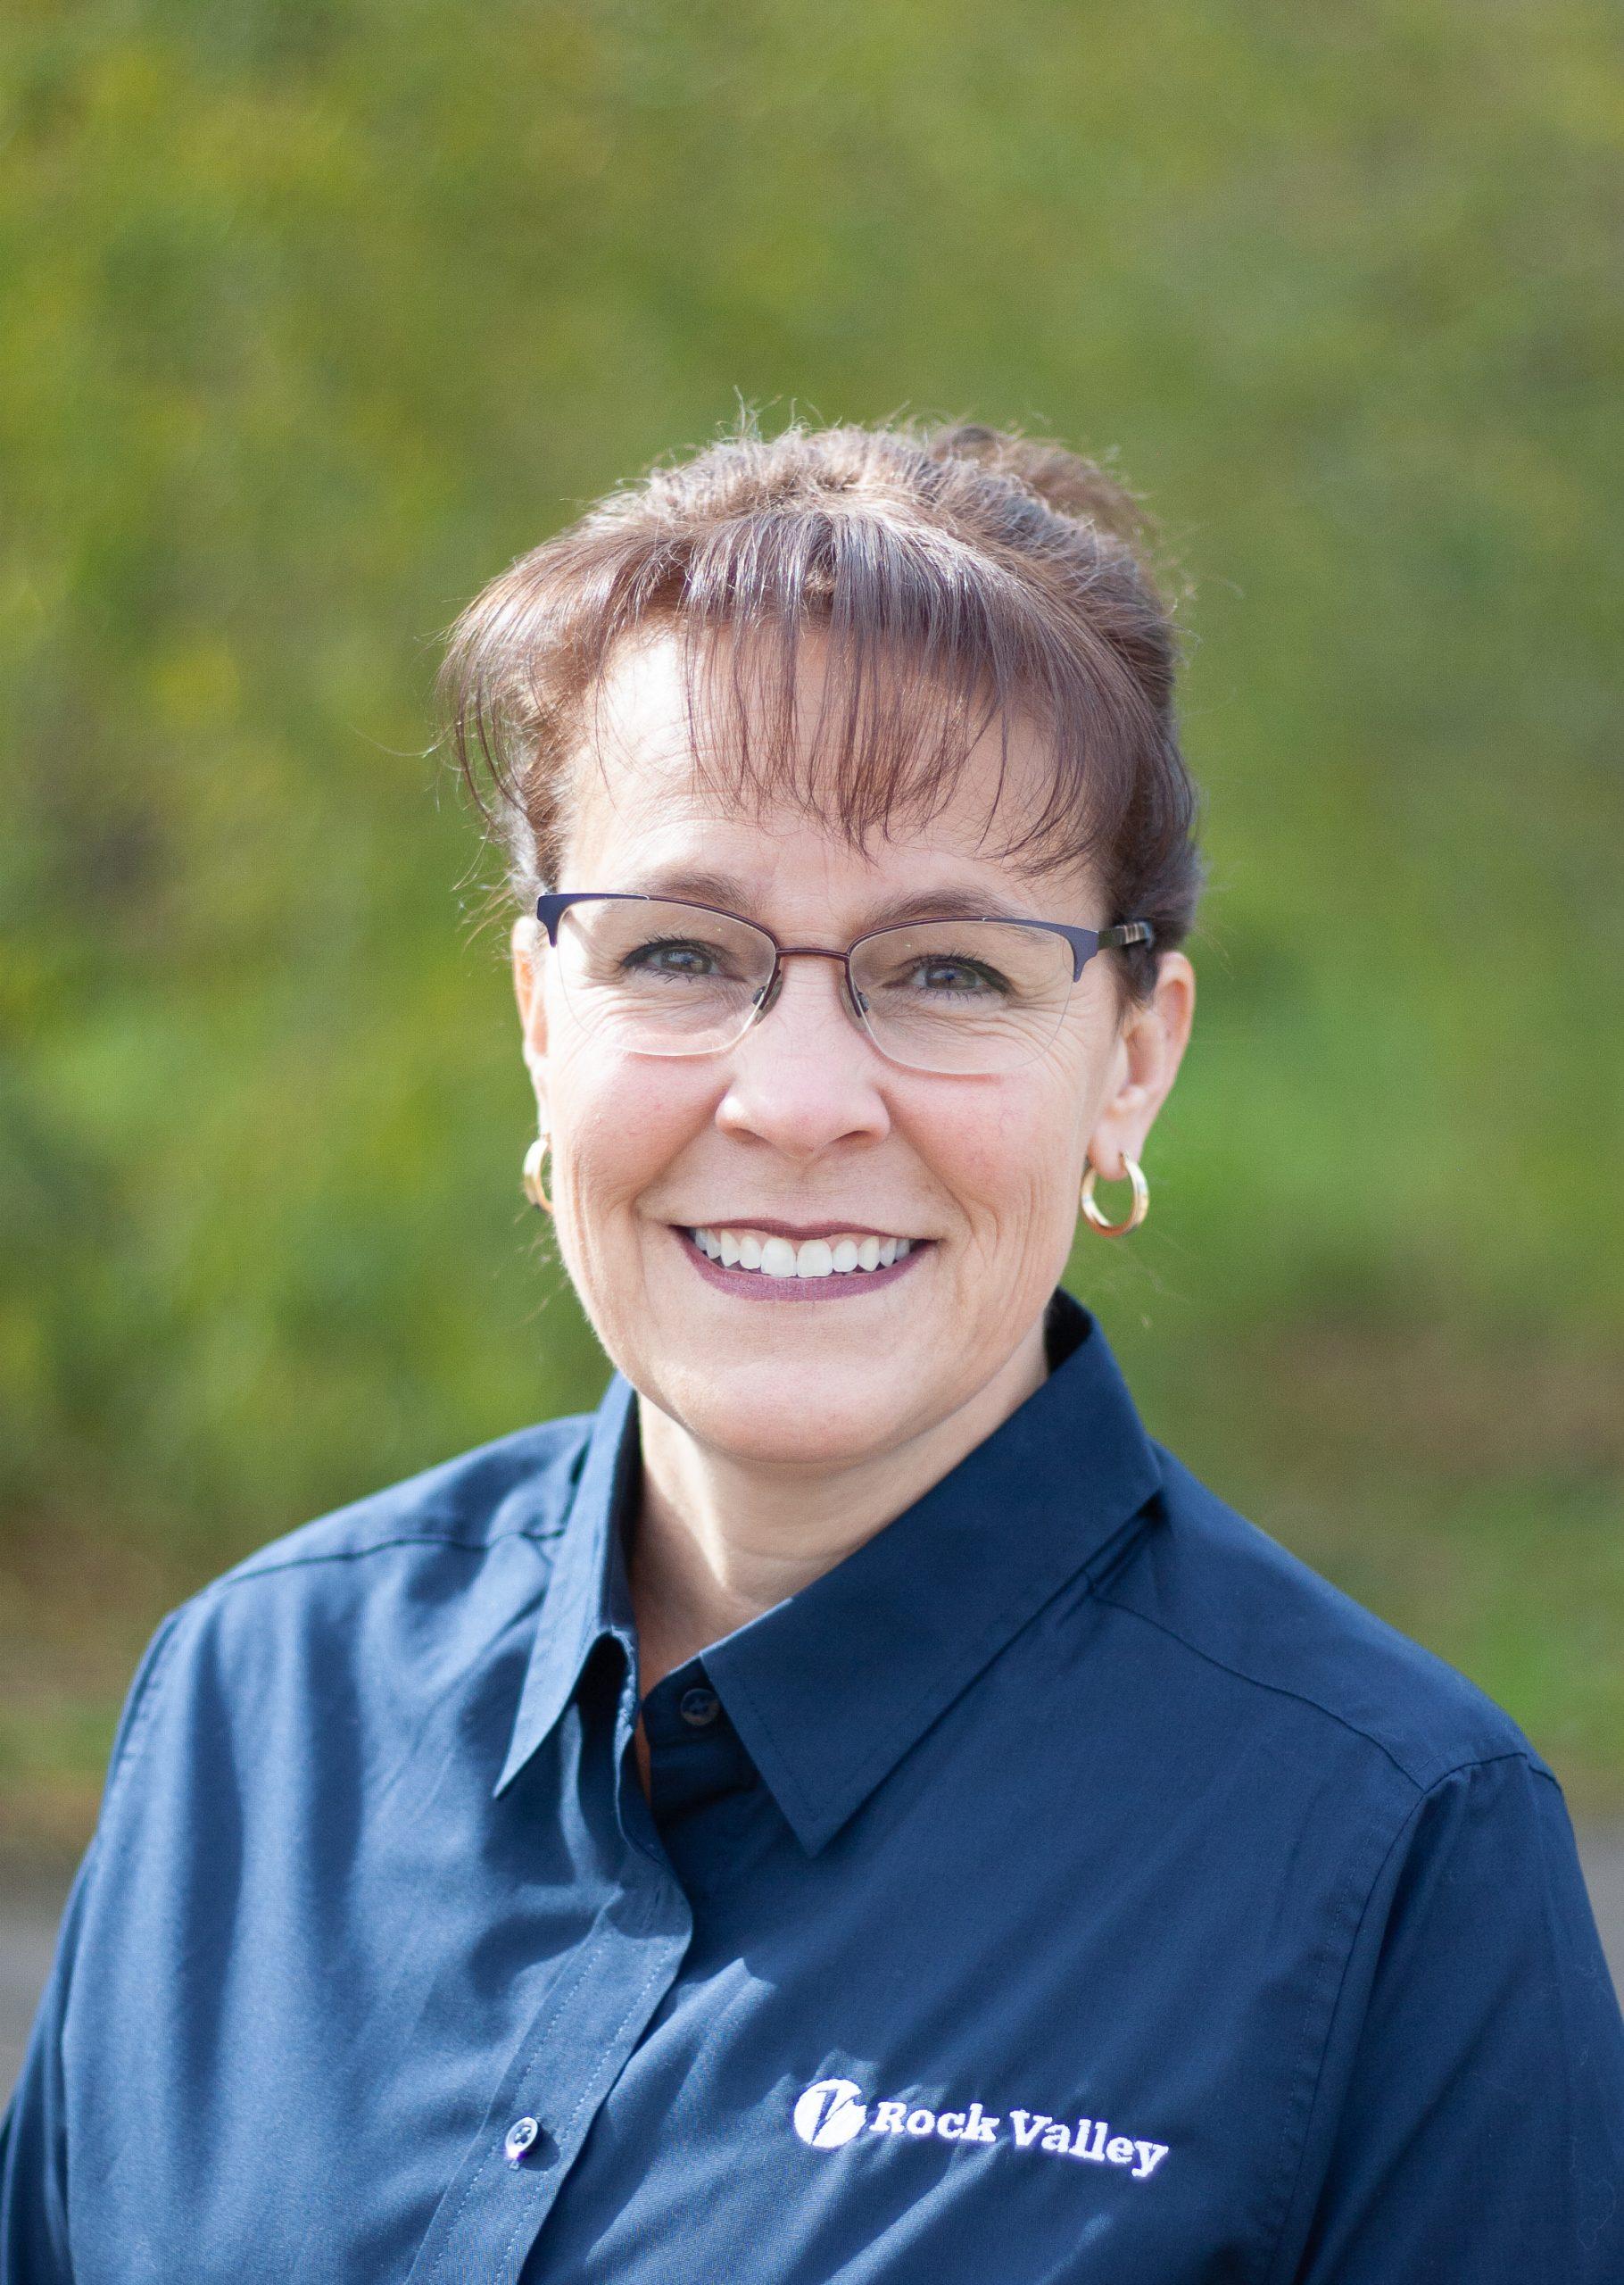 Brenda Schreiber